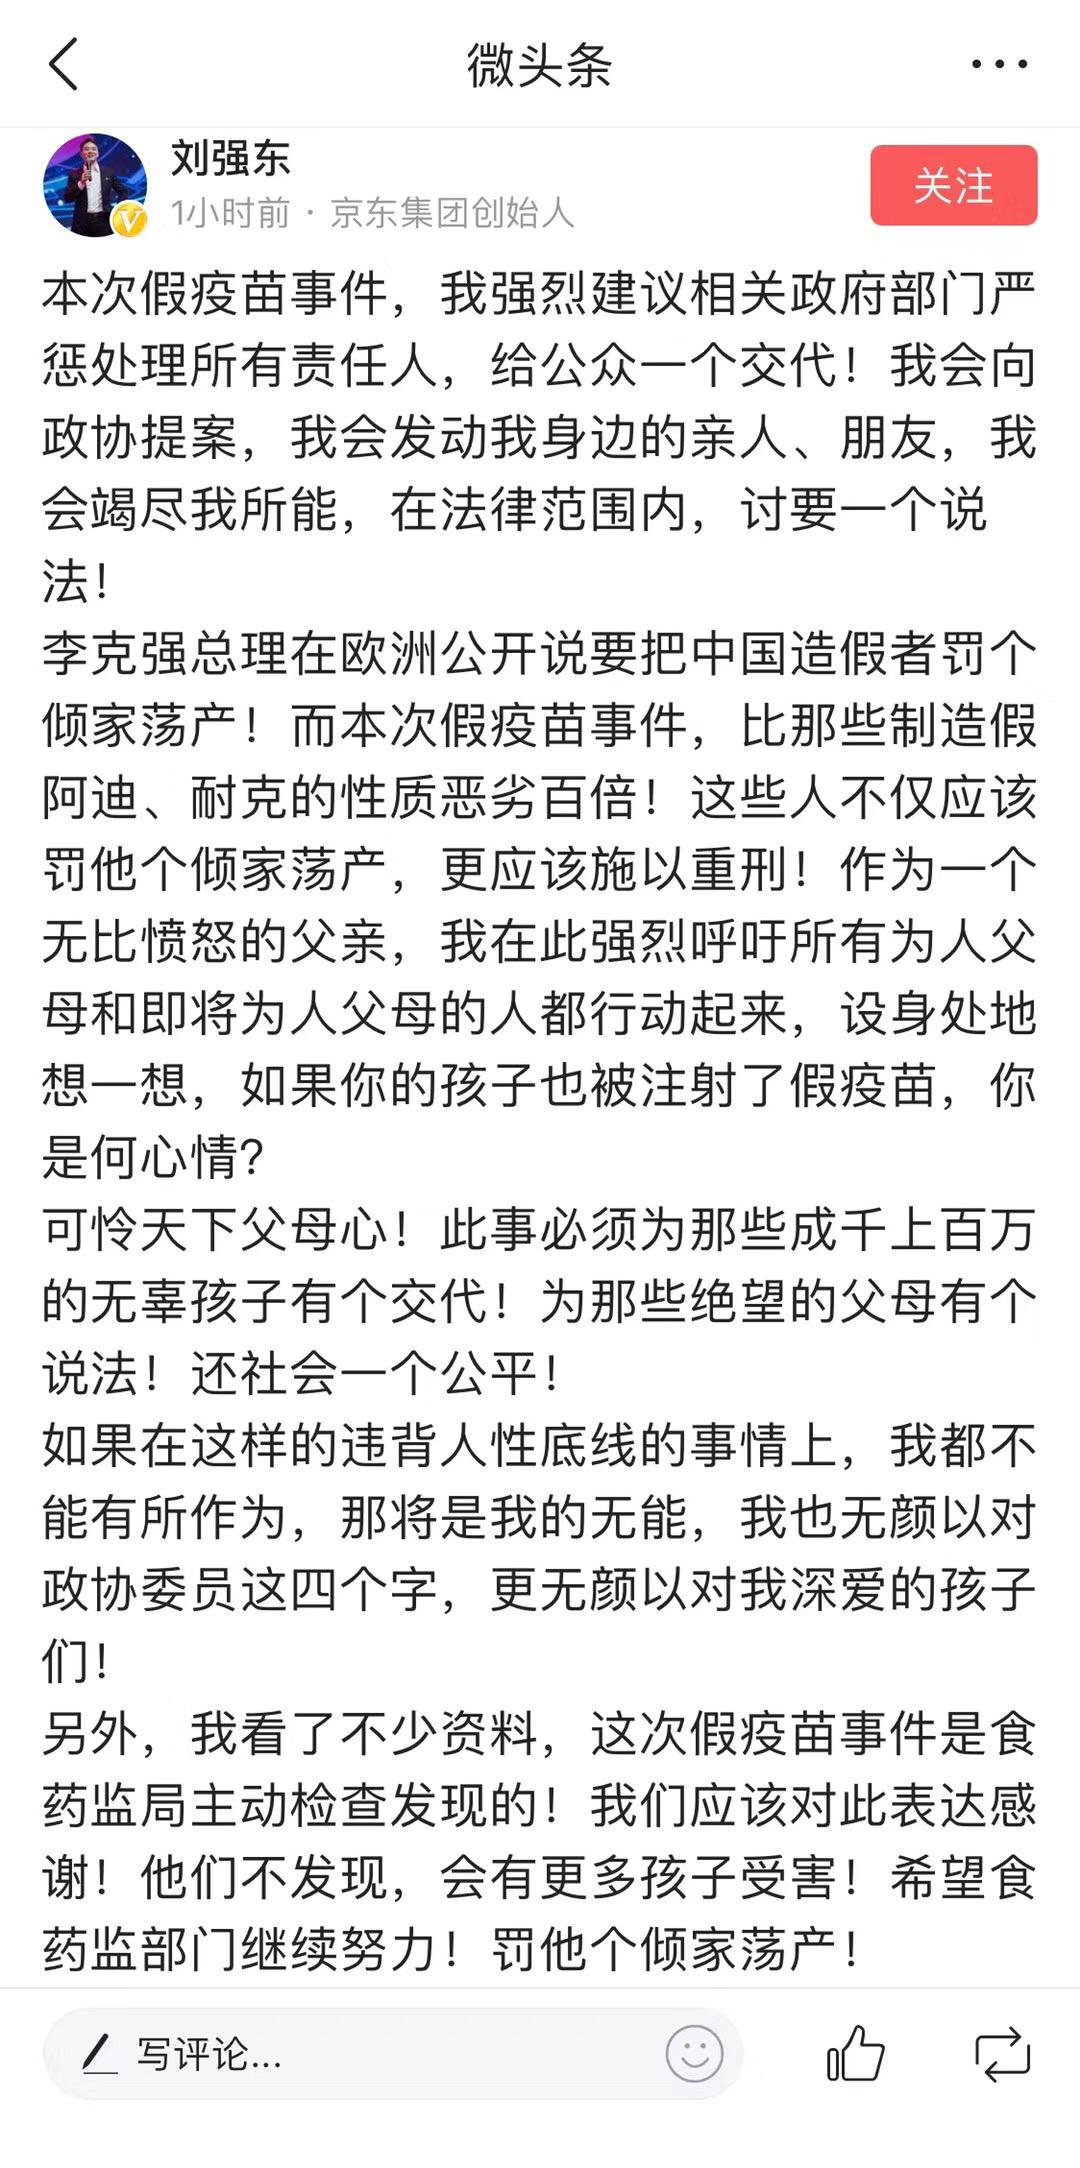 号外|刘强东评疫苗造假:罚他倾家荡产并判重刑